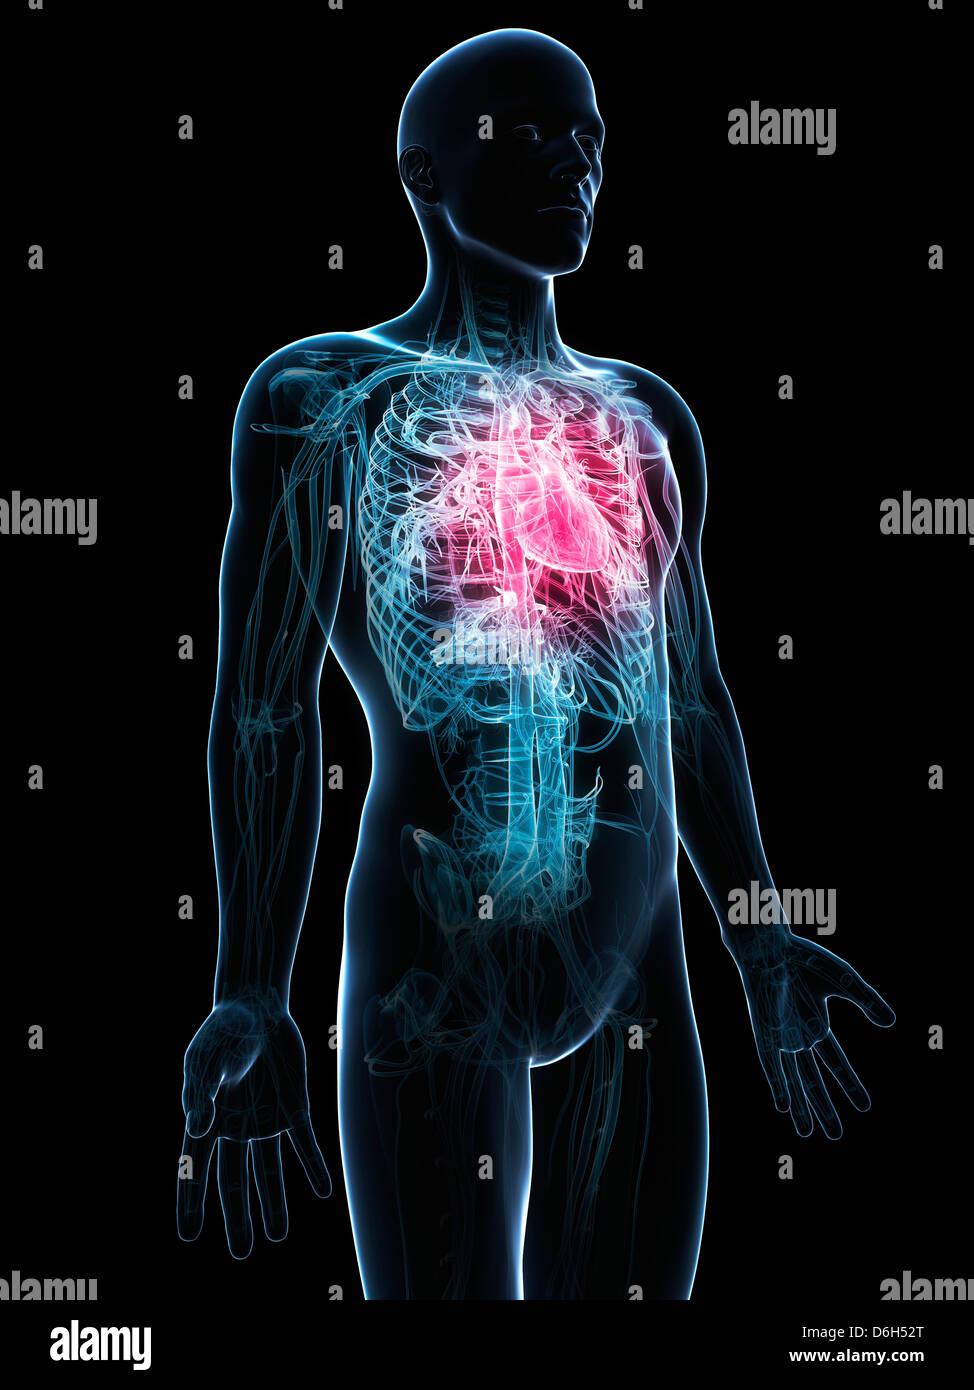 Corazón humano, obras de arte Foto & Imagen De Stock: 55696224 - Alamy